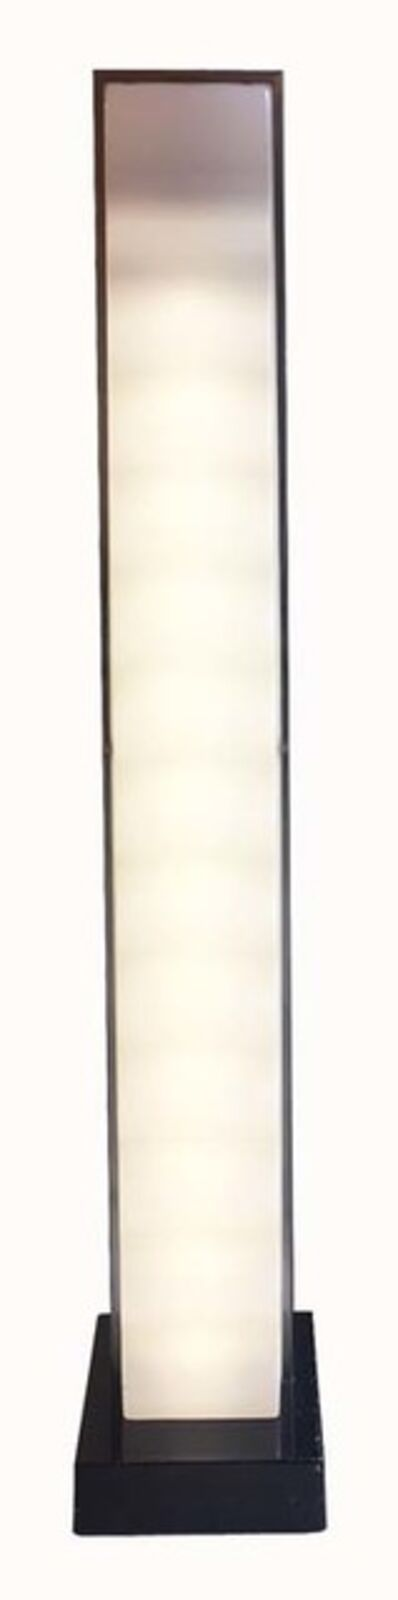 Ettore Sottsass, ''Cometa' standing lamp', 1971